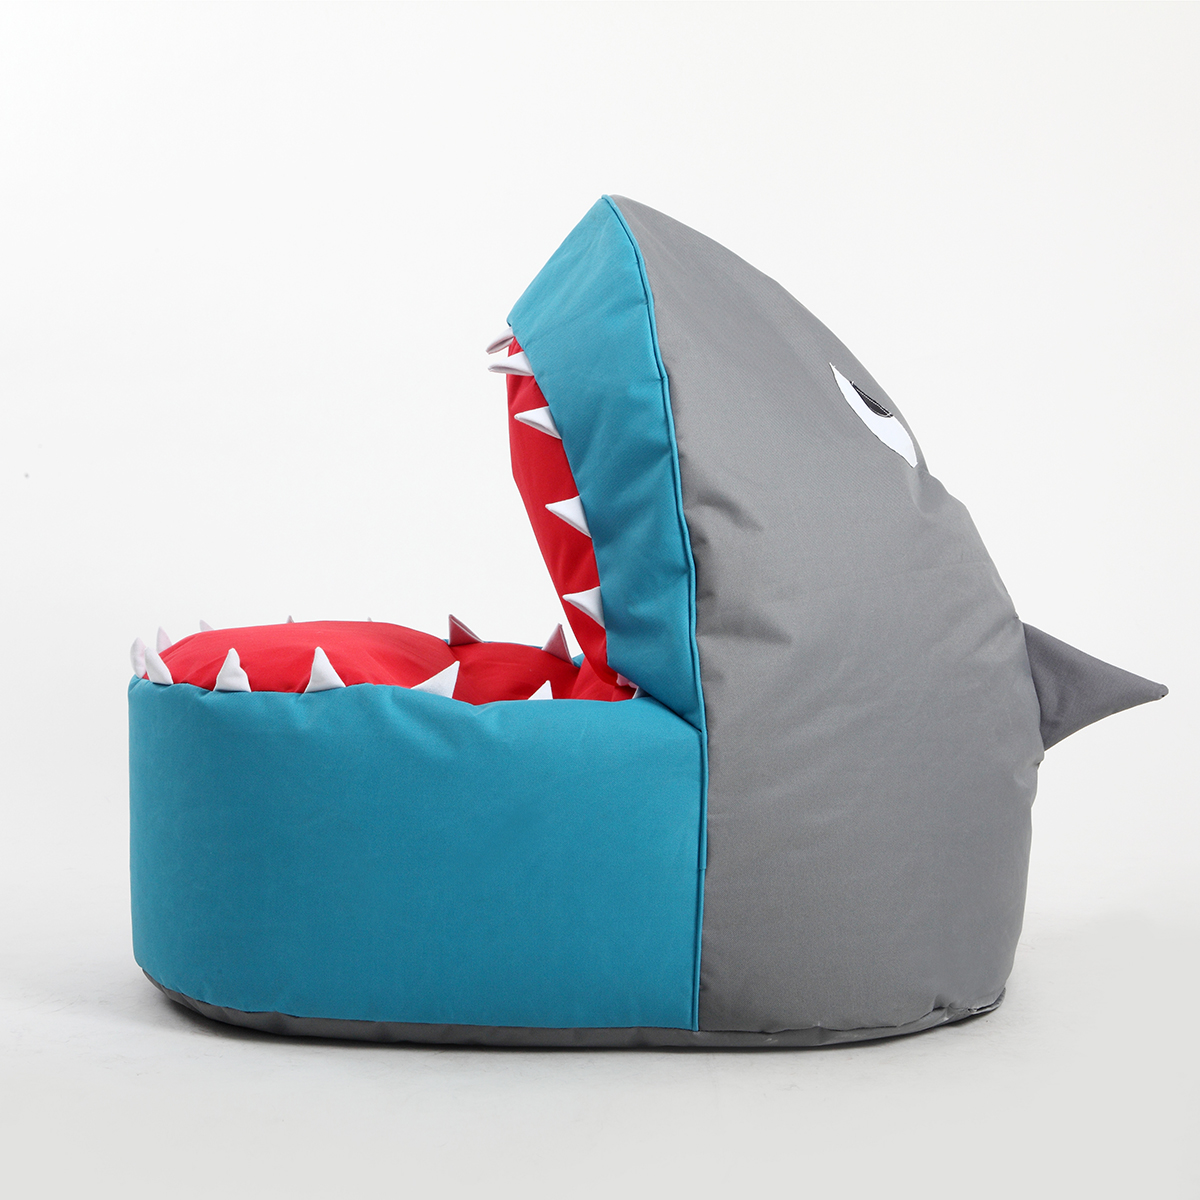 Leuke Zitzak Stoel.Leisure Zitzak Stoel Sofa Kinderen Enkele Stoel Cartoon Art Shark